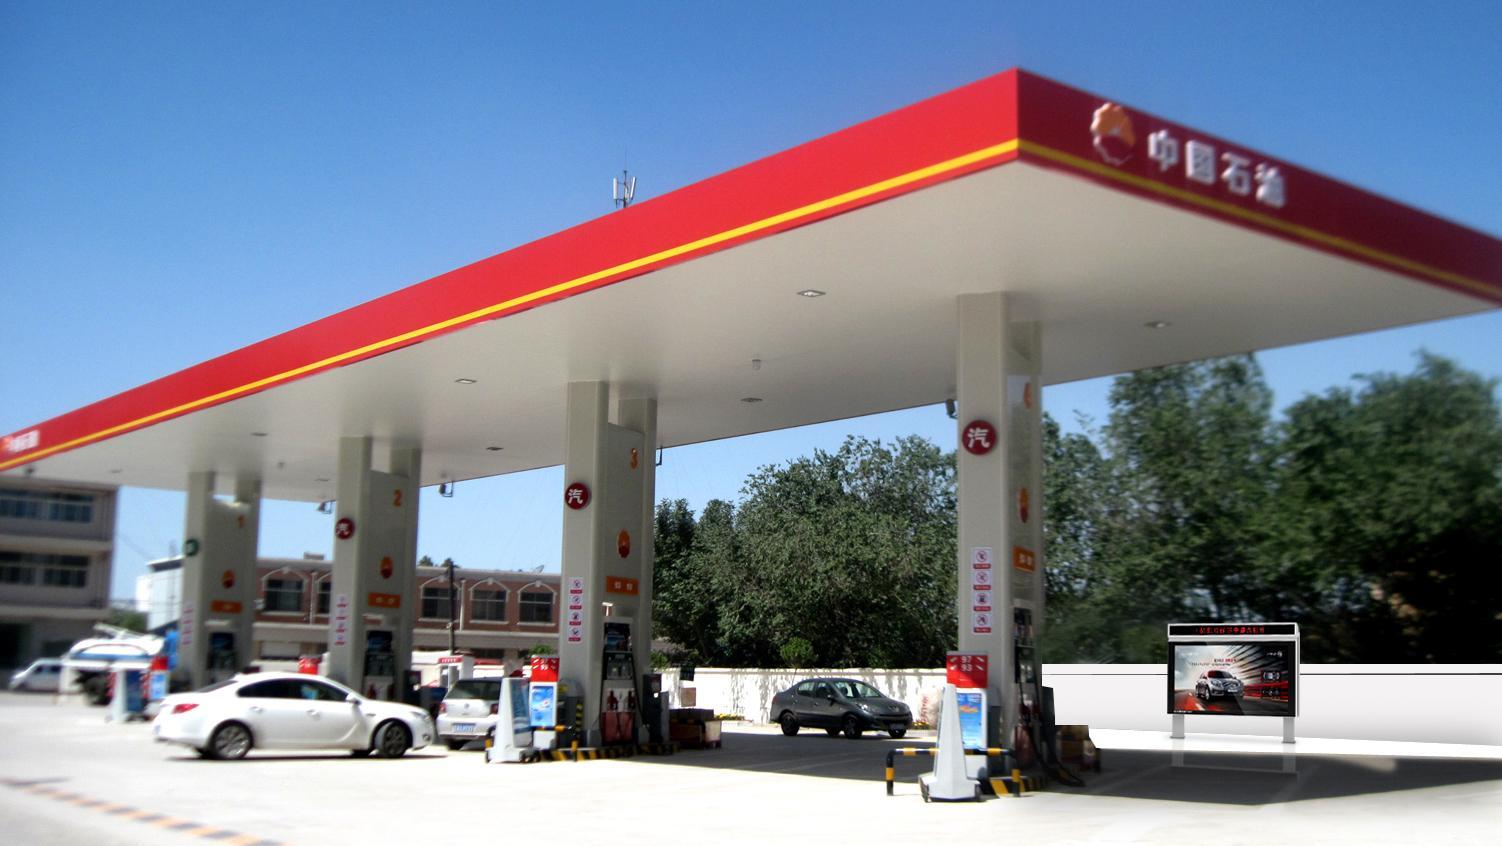 中石化加油站站长_算一笔账,开加油站真的很赚钱? - 知乎